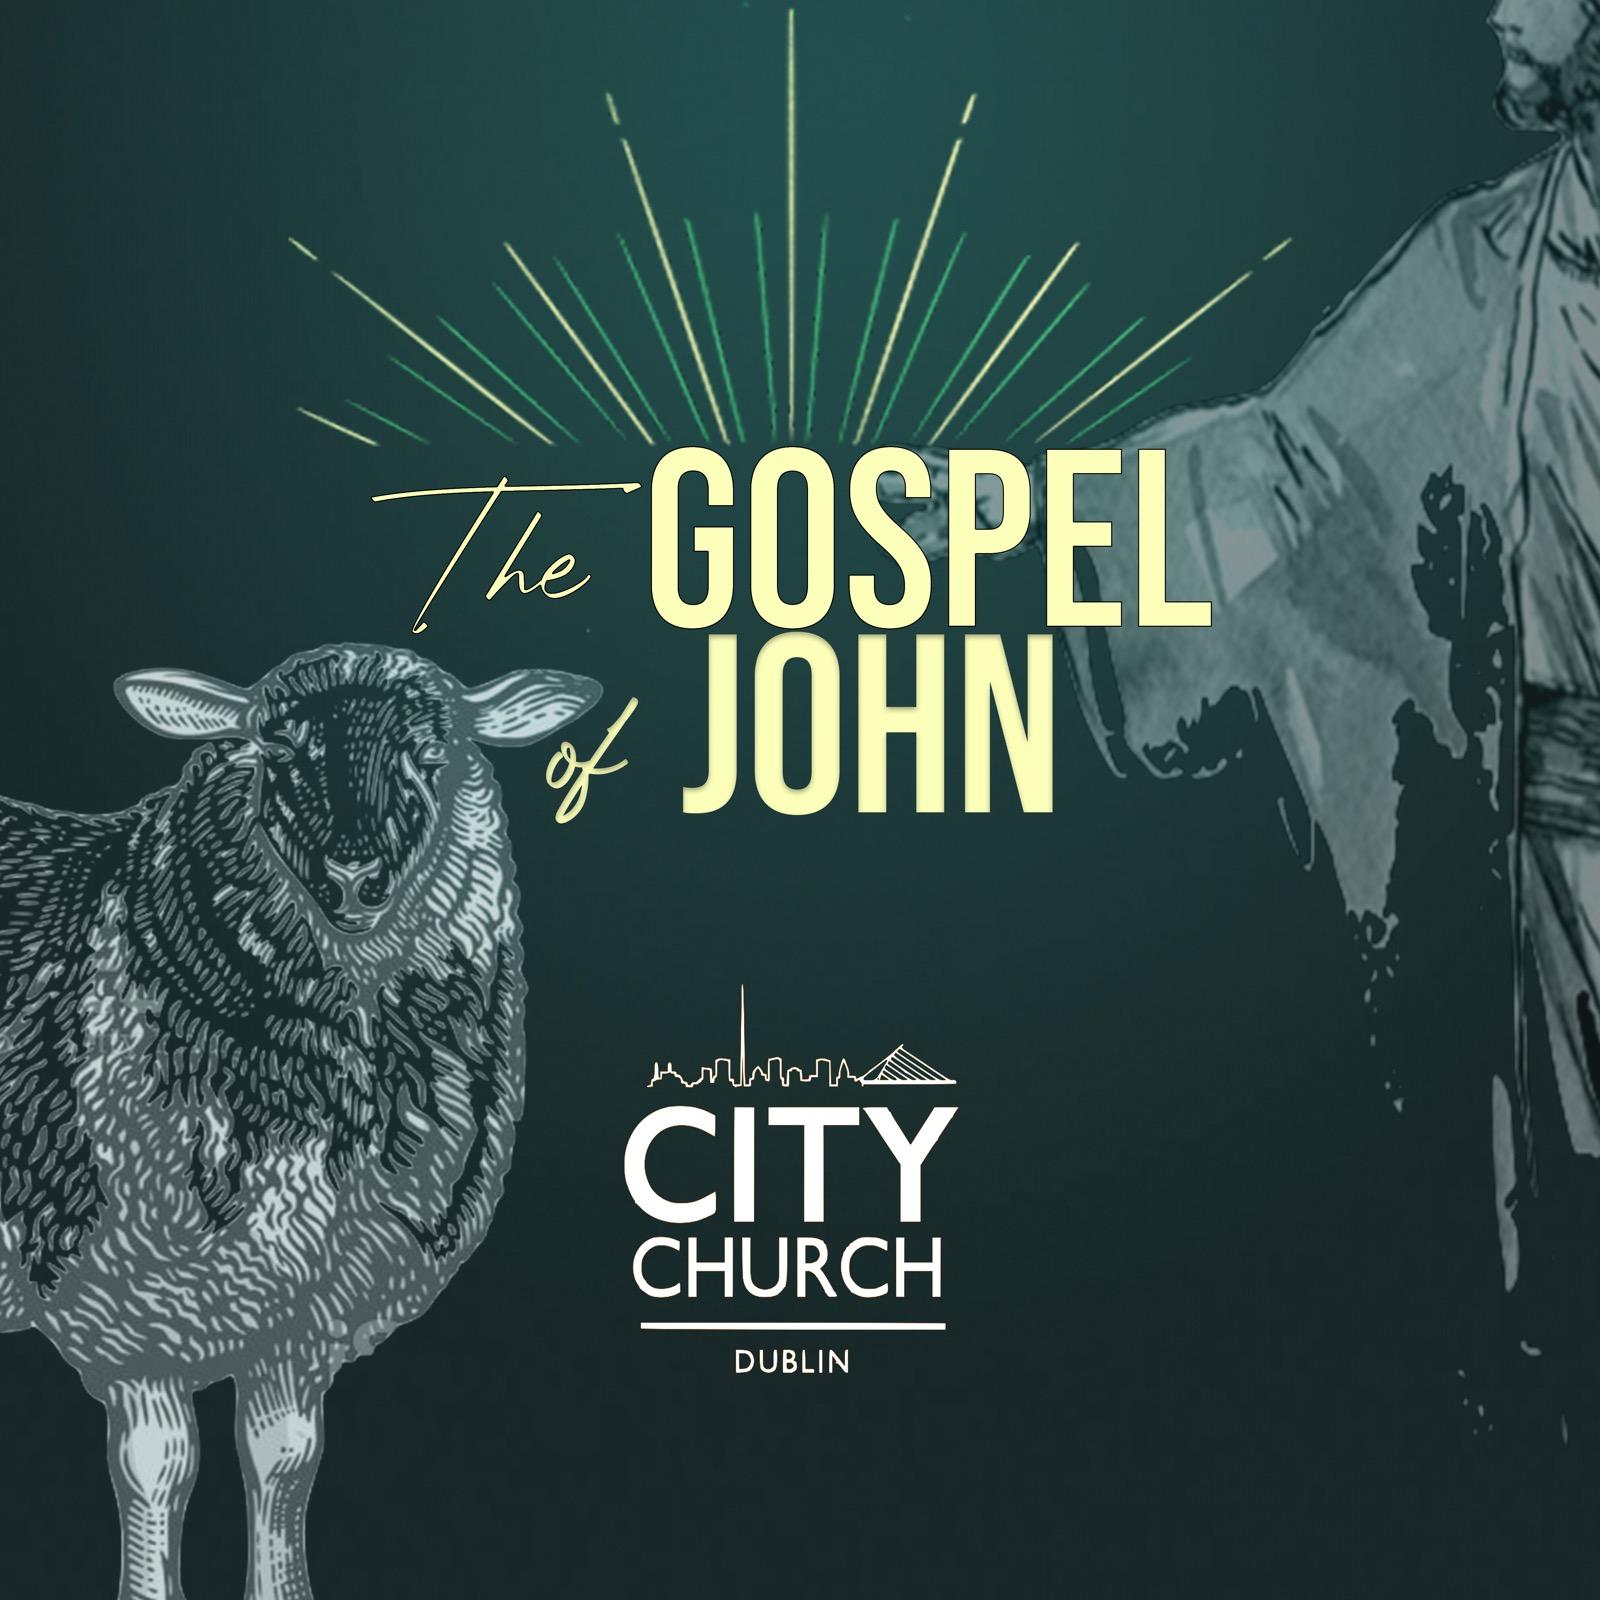 John 1:1-18 - The Gospel of John